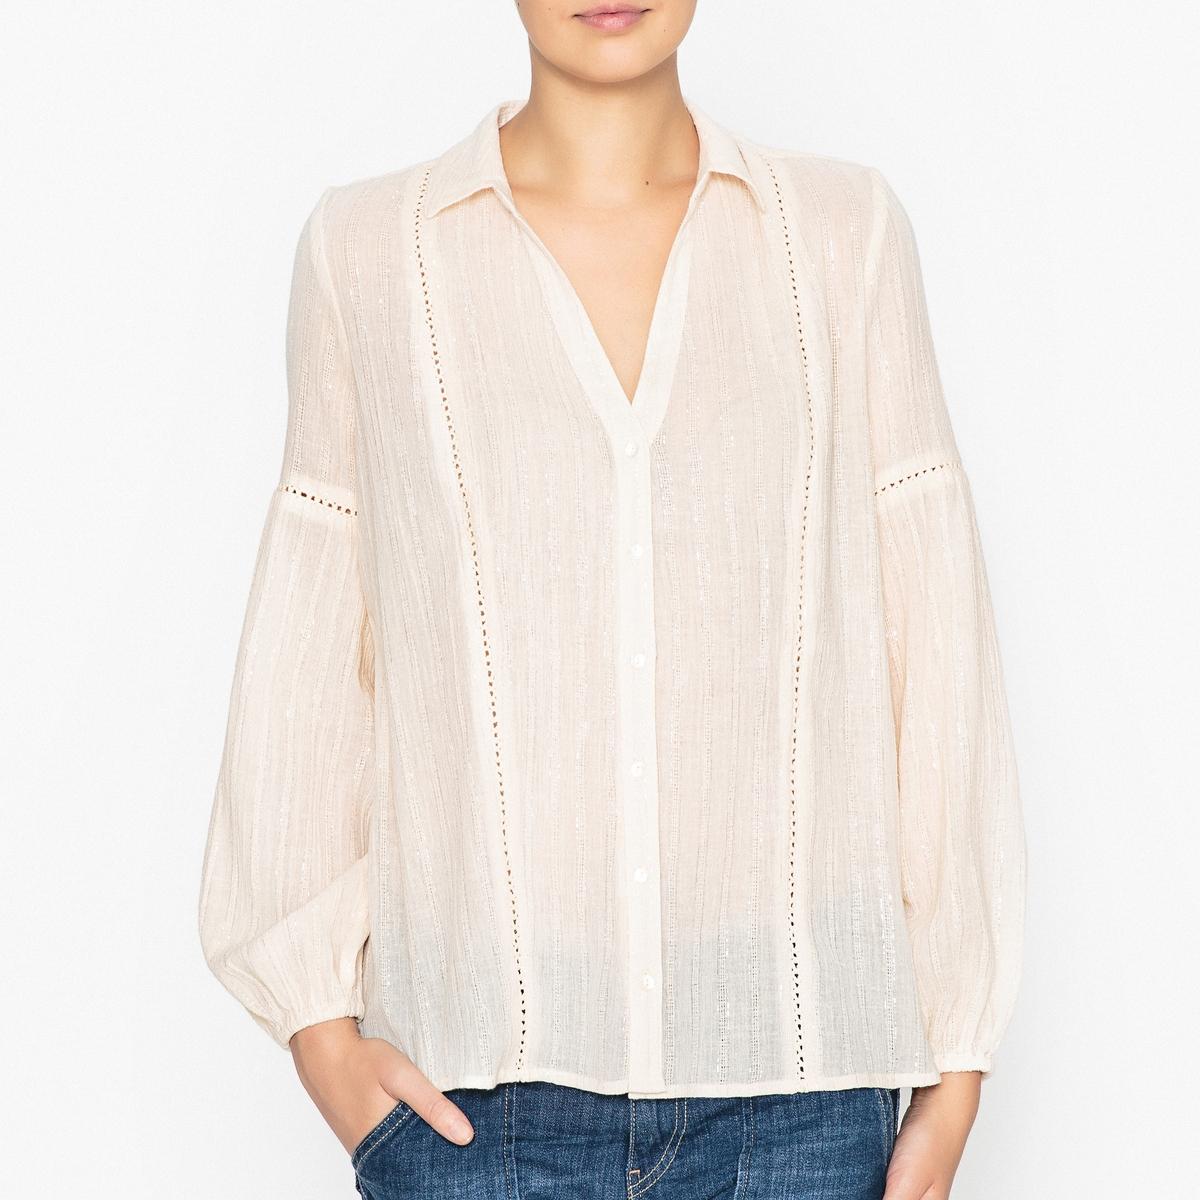 Рубашка блестящая LAKOTAБлестящая рубашка BA&amp;SH - модель LAKOTA с мережками и перламутровыми пуговицами.Детали  •  Длинные рукава •  Прямой покрой •  Воротник-поло, рубашечныйСостав и уход  •  98% хлопка, 2% металлизированного волокна •  Следуйте рекомендациям по уходу, указанным на этикетке изделия •  Эластичные манжеты •  Перламутровые пуговицы •  Мережки на рукавах •  V-образный вырез и рубашечный воротник<br><br>Цвет: сливовый,экрю<br>Размер: M